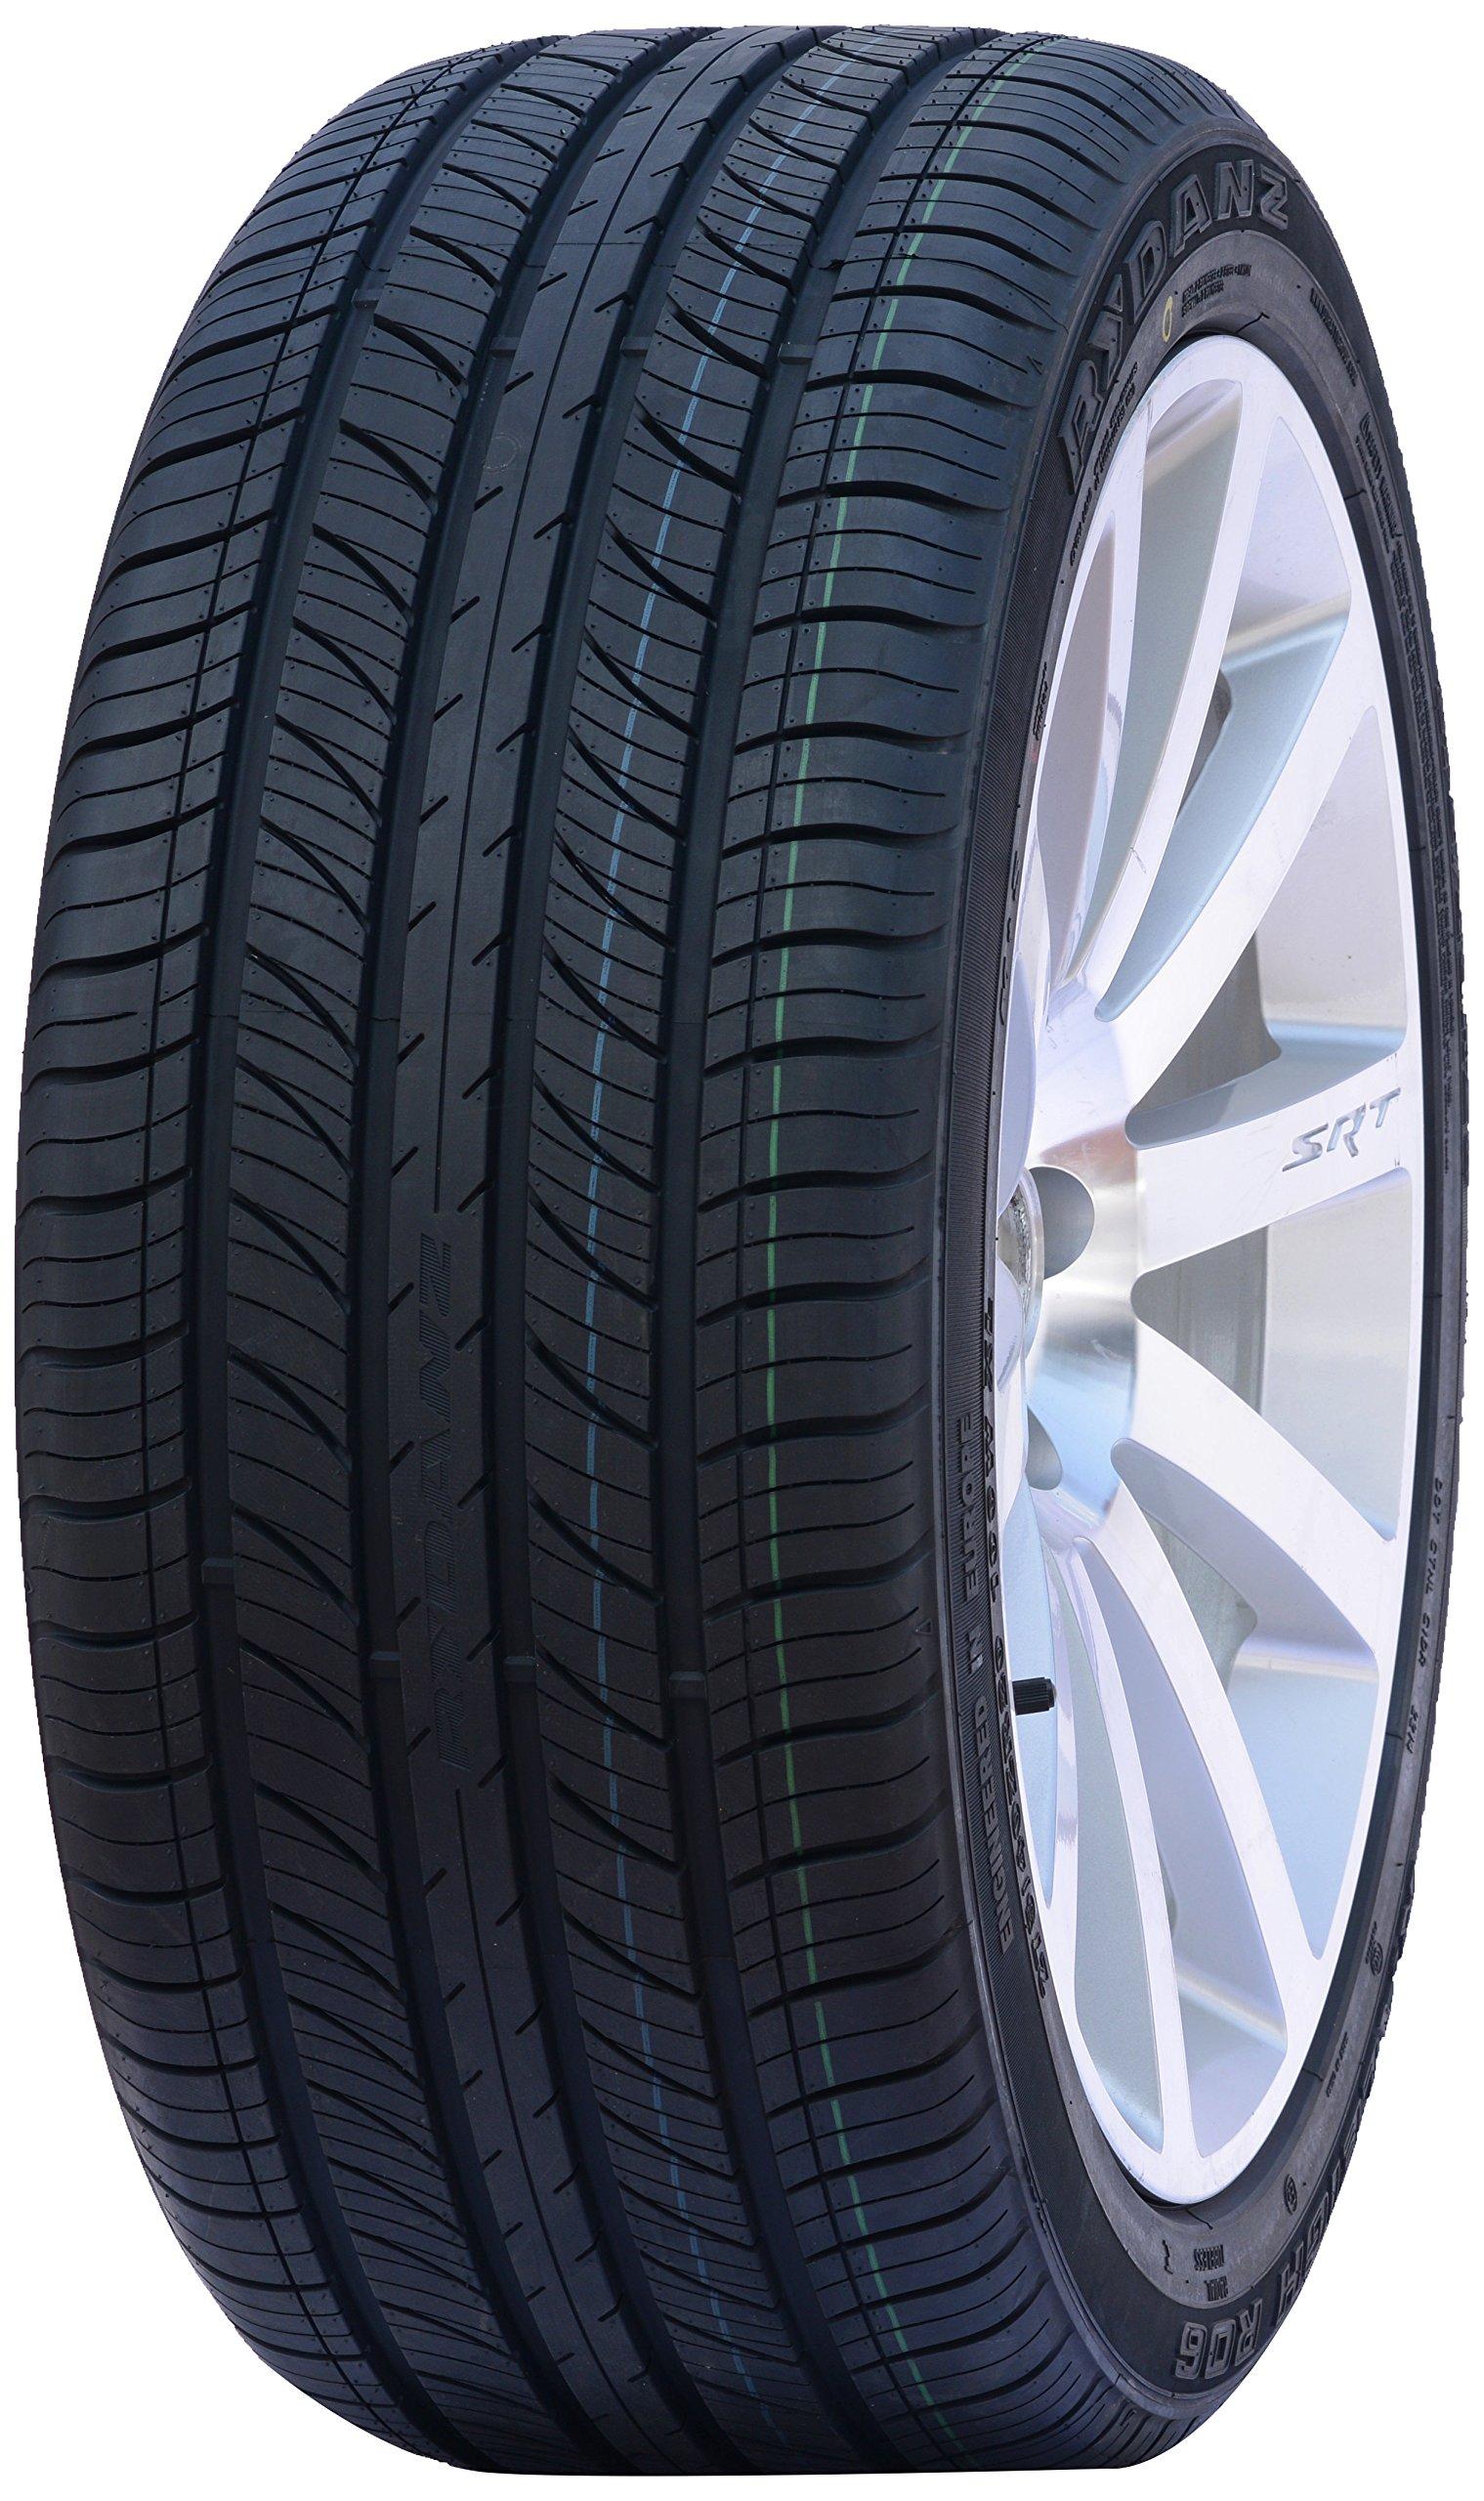 Rydanz RALEIGH R06 All-Season Radial Tire - 275/55R20 117H